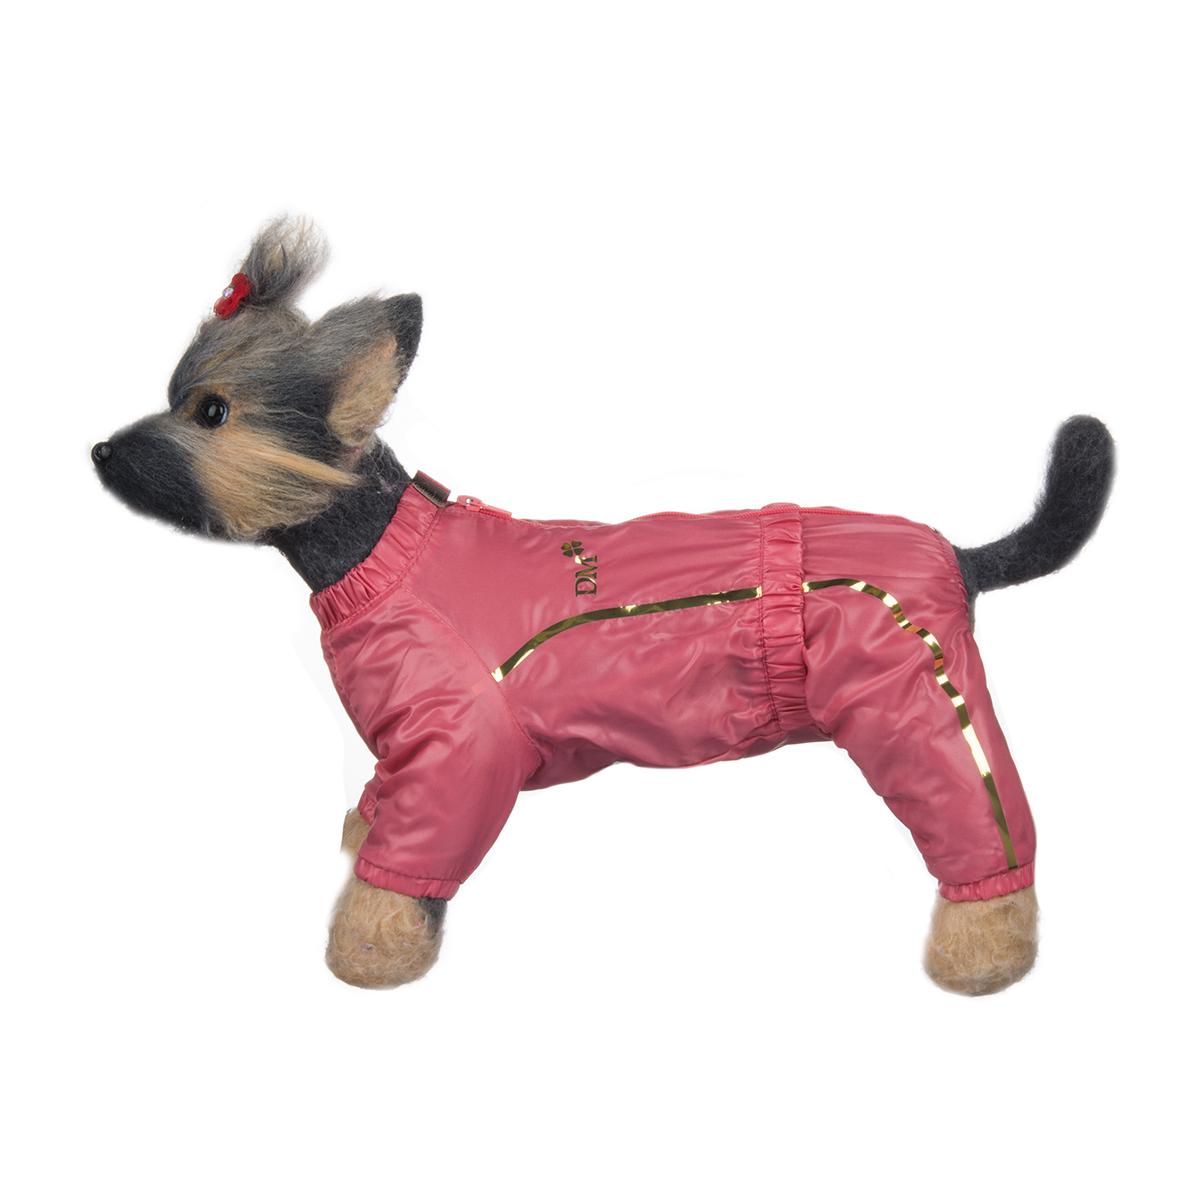 Комбинезон для собак Dogmoda Альпы, для девочки, цвет: коралловый. Размер 3 (L)DM-150326-3Комбинезон для собак Dogmoda Альпы отлично подойдет для прогулок поздней осенью или ранней весной. Комбинезон изготовлен из полиэстера, защищающего от ветра и осадков, с подкладкой из флиса, которая сохранит тепло и обеспечит отличный воздухообмен. Комбинезон застегивается на молнию и липучку, благодаря чему его легко надевать и снимать. Ворот, низ рукавов и брючин оснащены внутренними резинками, которые мягко обхватывают шею и лапки, не позволяя просачиваться холодному воздуху. На пояснице имеется внутренняя резинка. Изделие декорировано золотистыми полосками и надписью DM. Благодаря такому комбинезону простуда не грозит вашему питомцу и он не даст любимцу продрогнуть на прогулке.